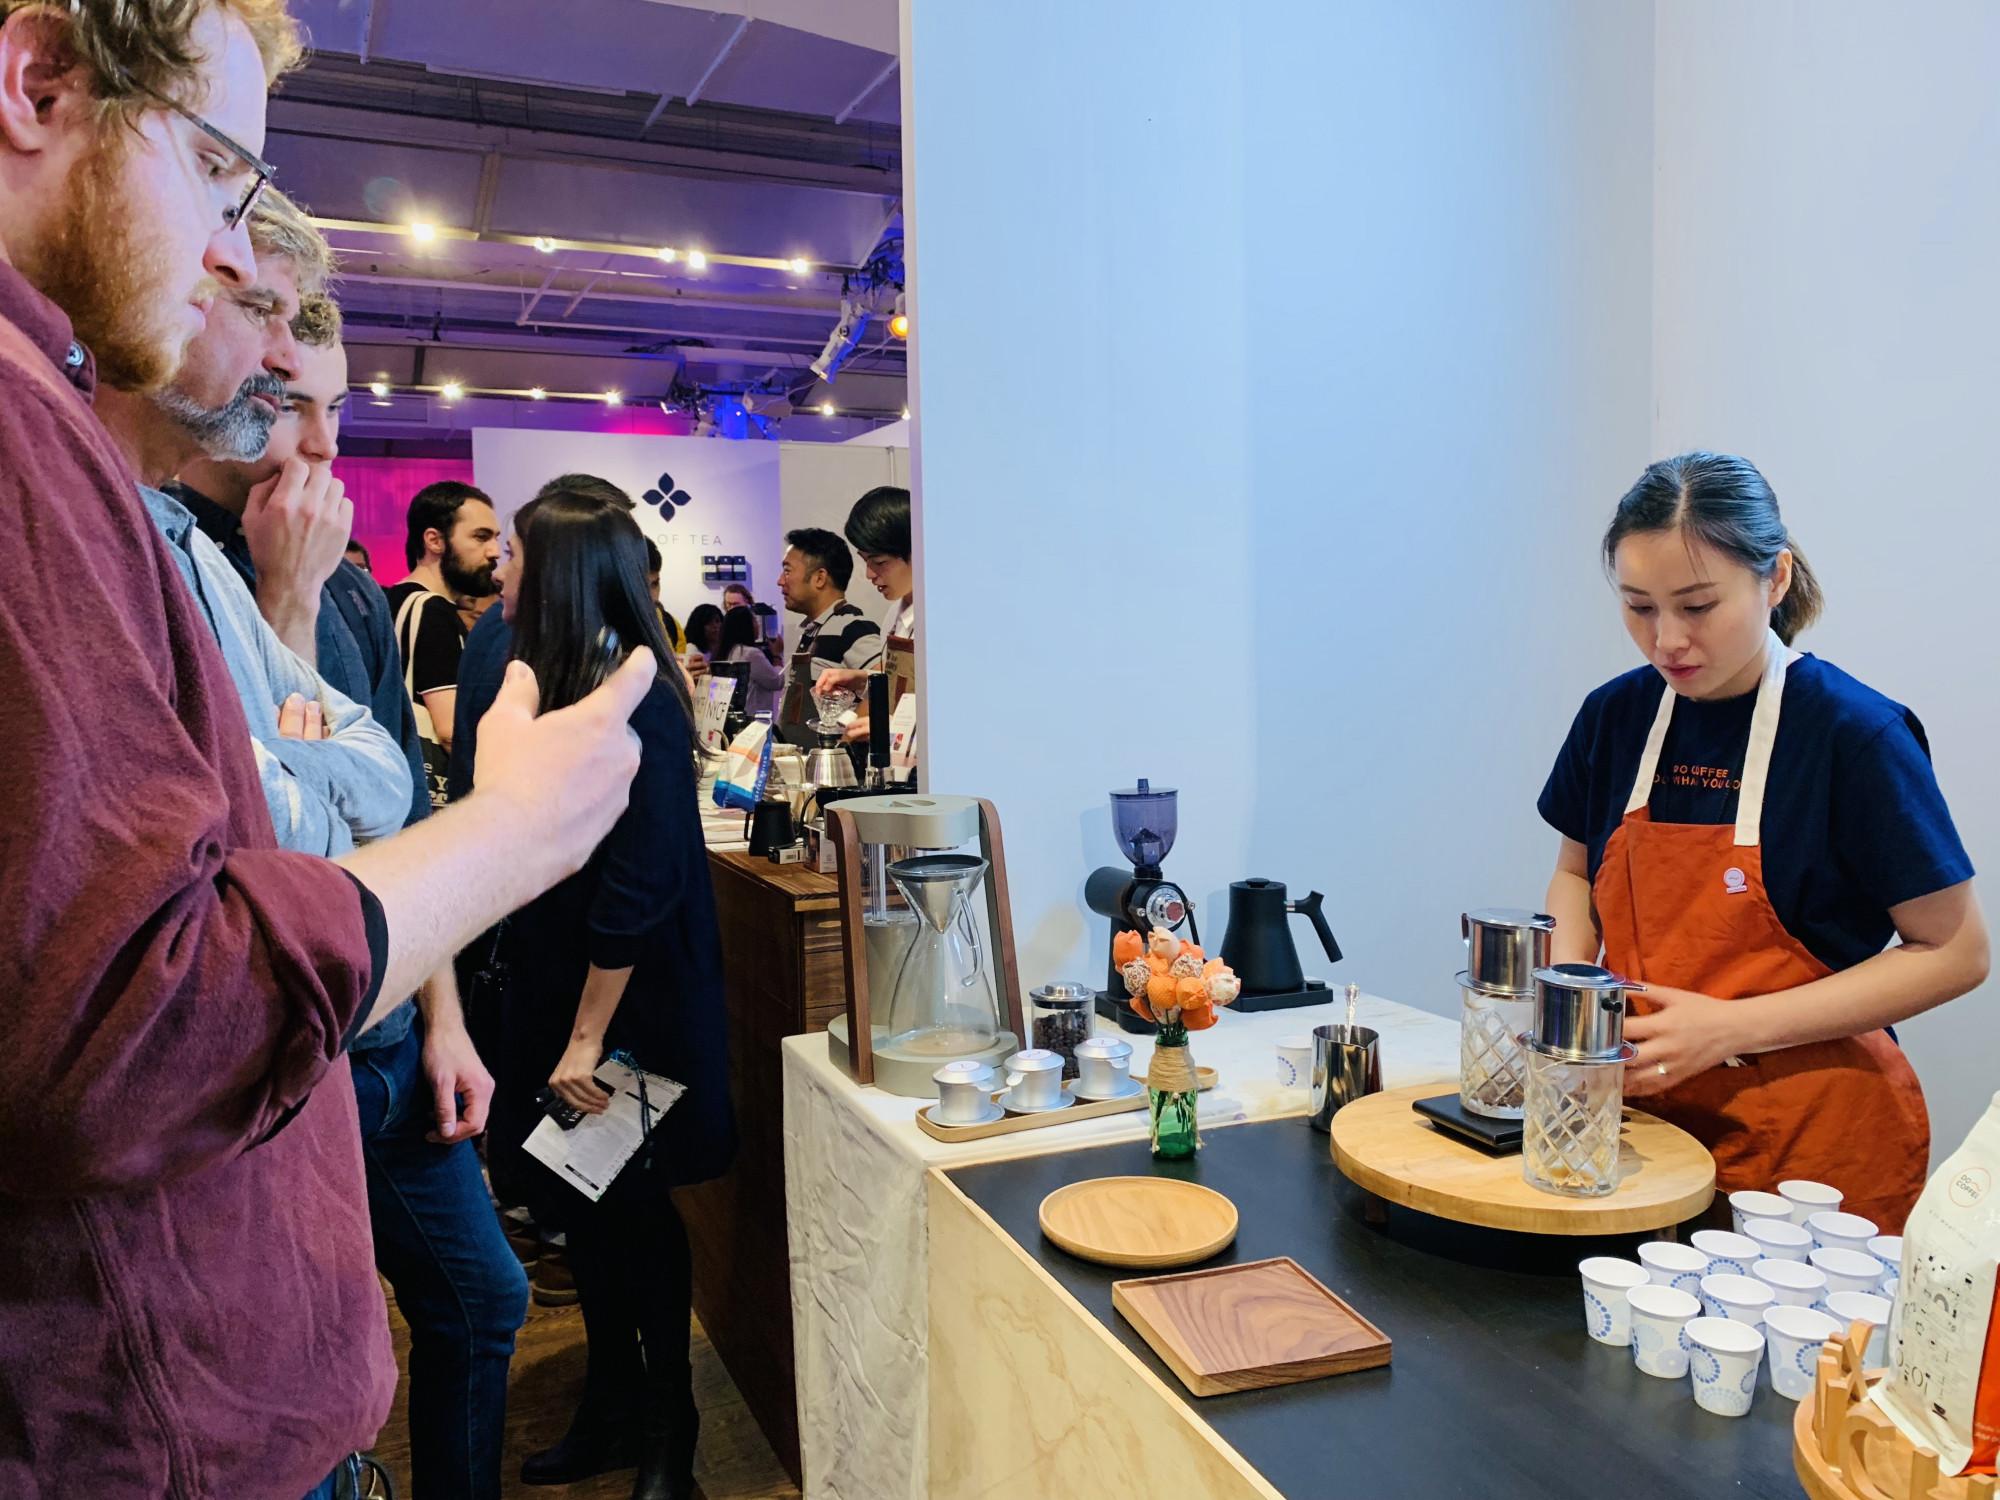 Khuyên giới thiệu cách thức pha phin truyền thống của Việt Nam tại Lễ hội cà phê New York năm 2019 (New York Coffee Festival). Ảnh: nhân vật cung cấp